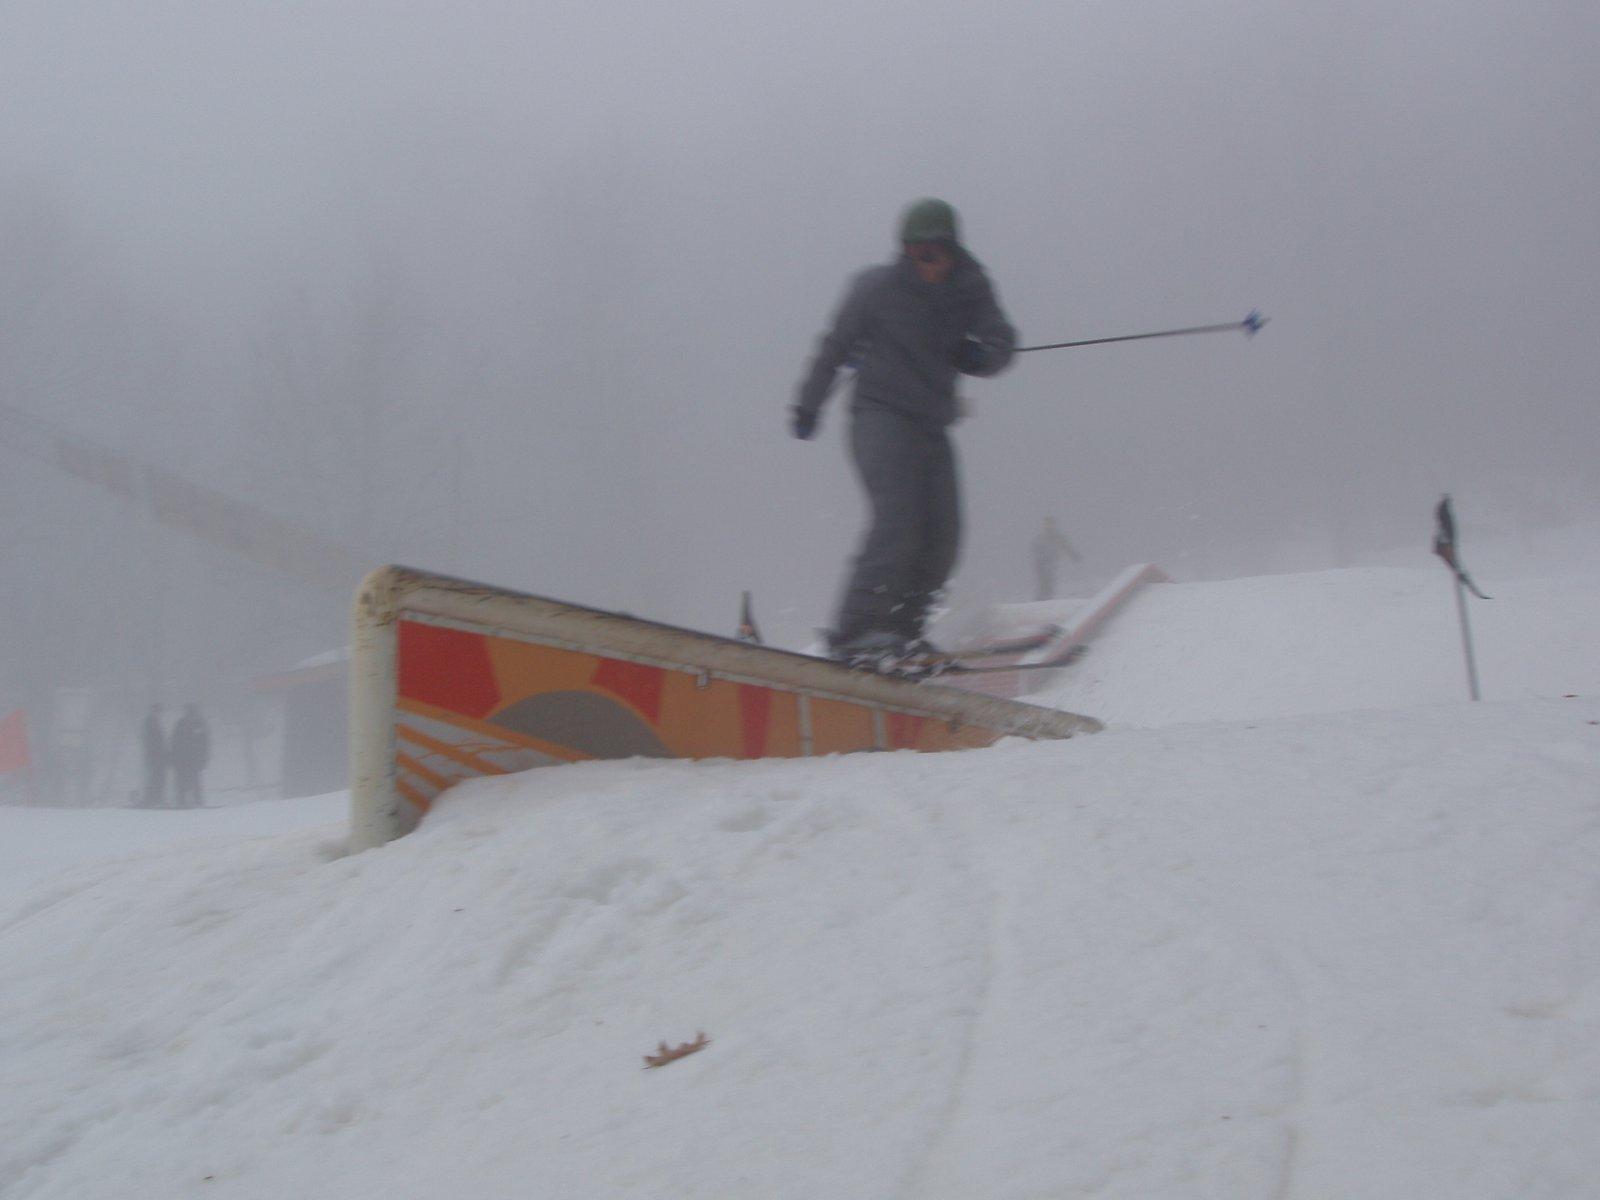 Appalachain ski mtn